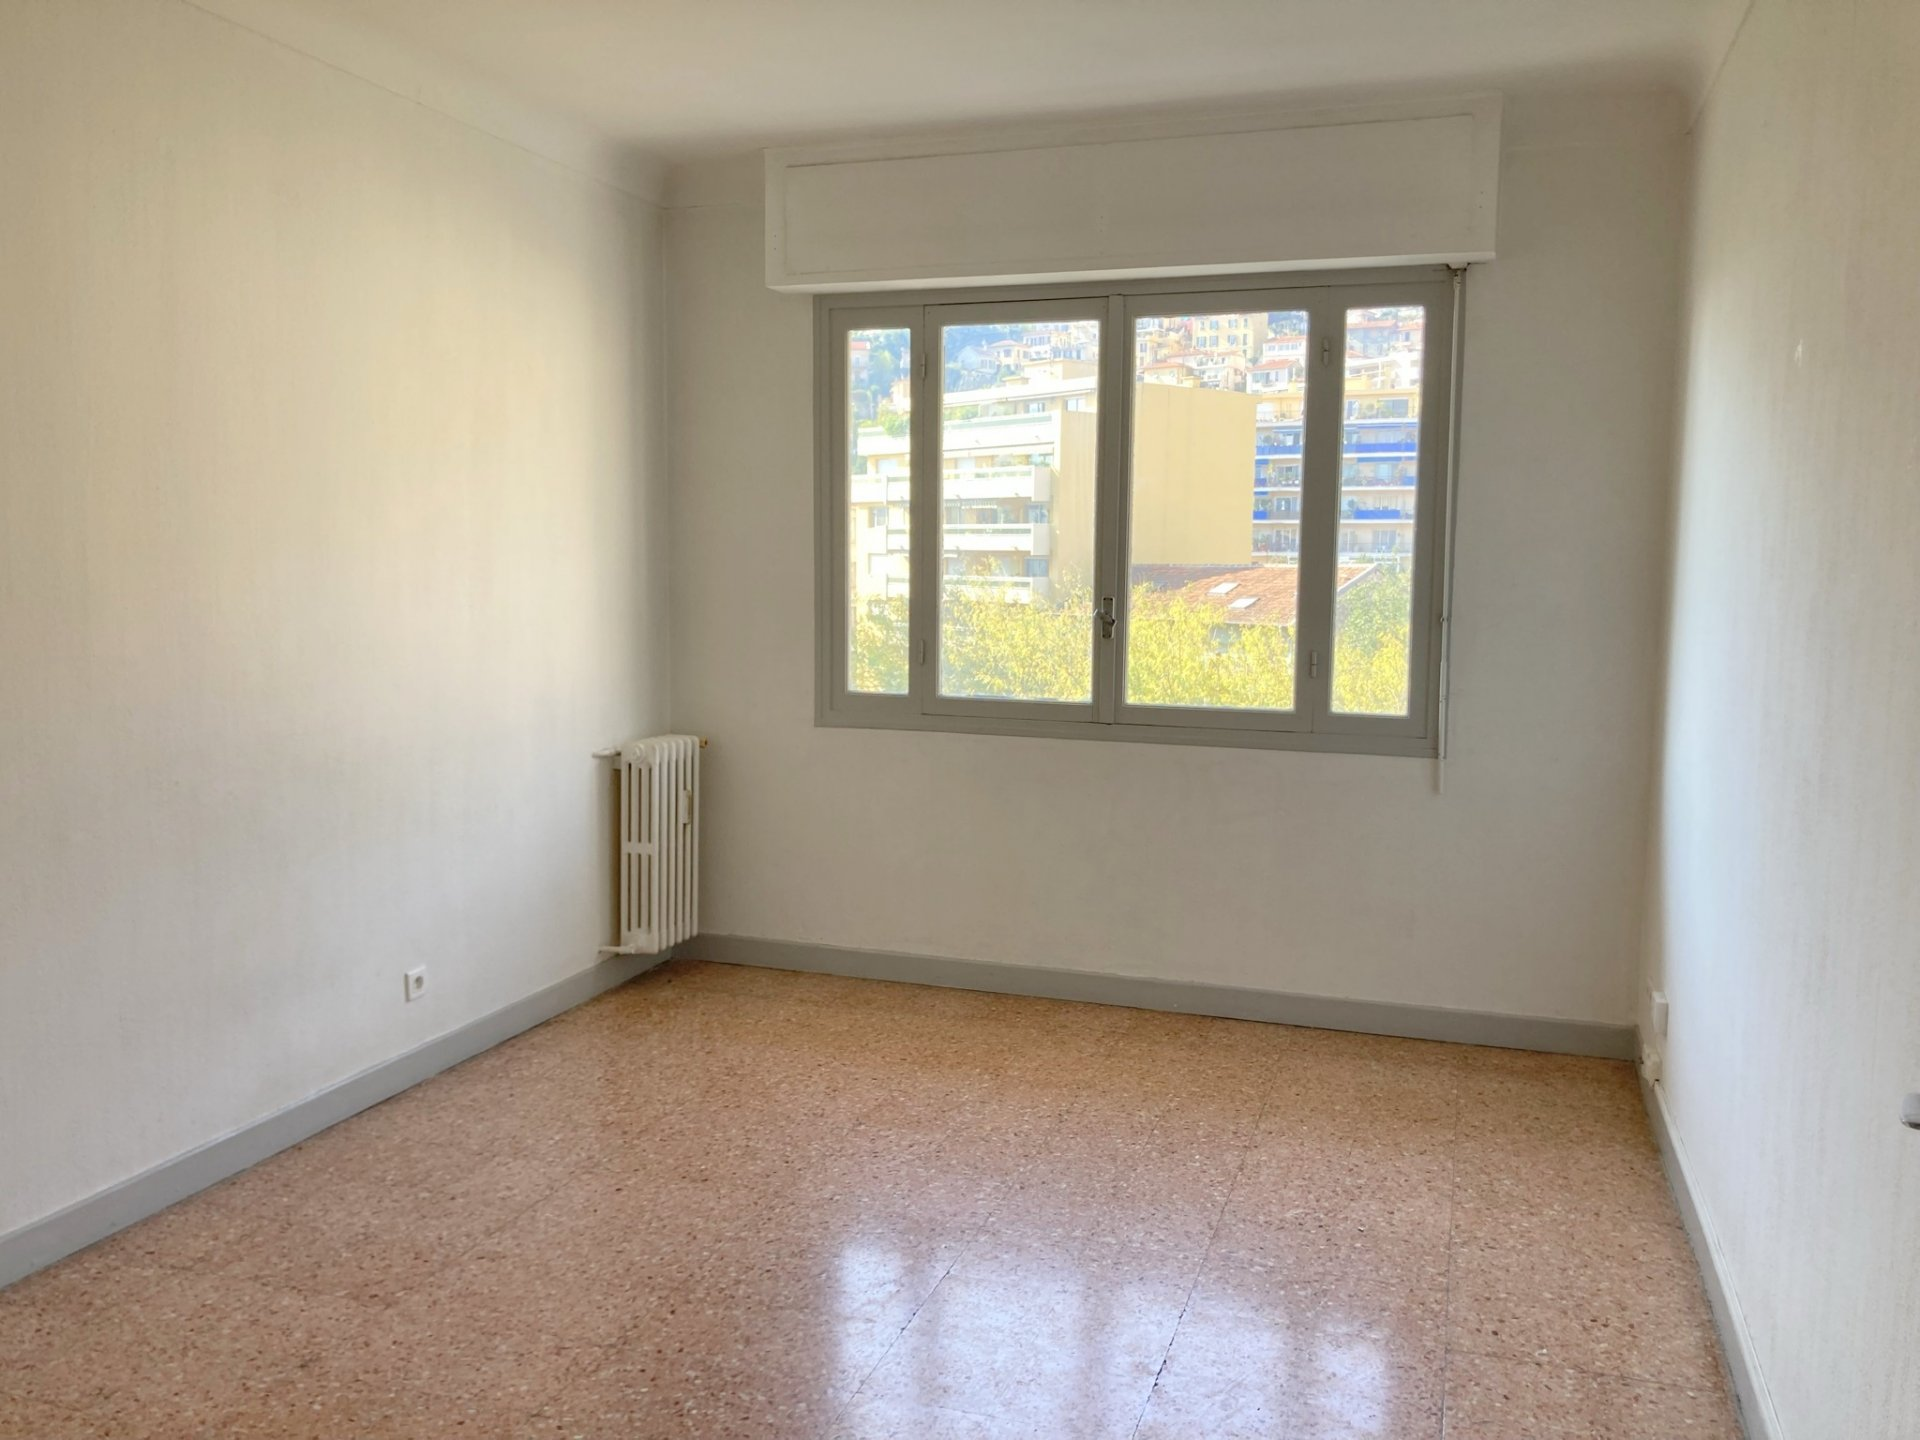 Affitto Appartamento - Nizza (Nice) Cessole